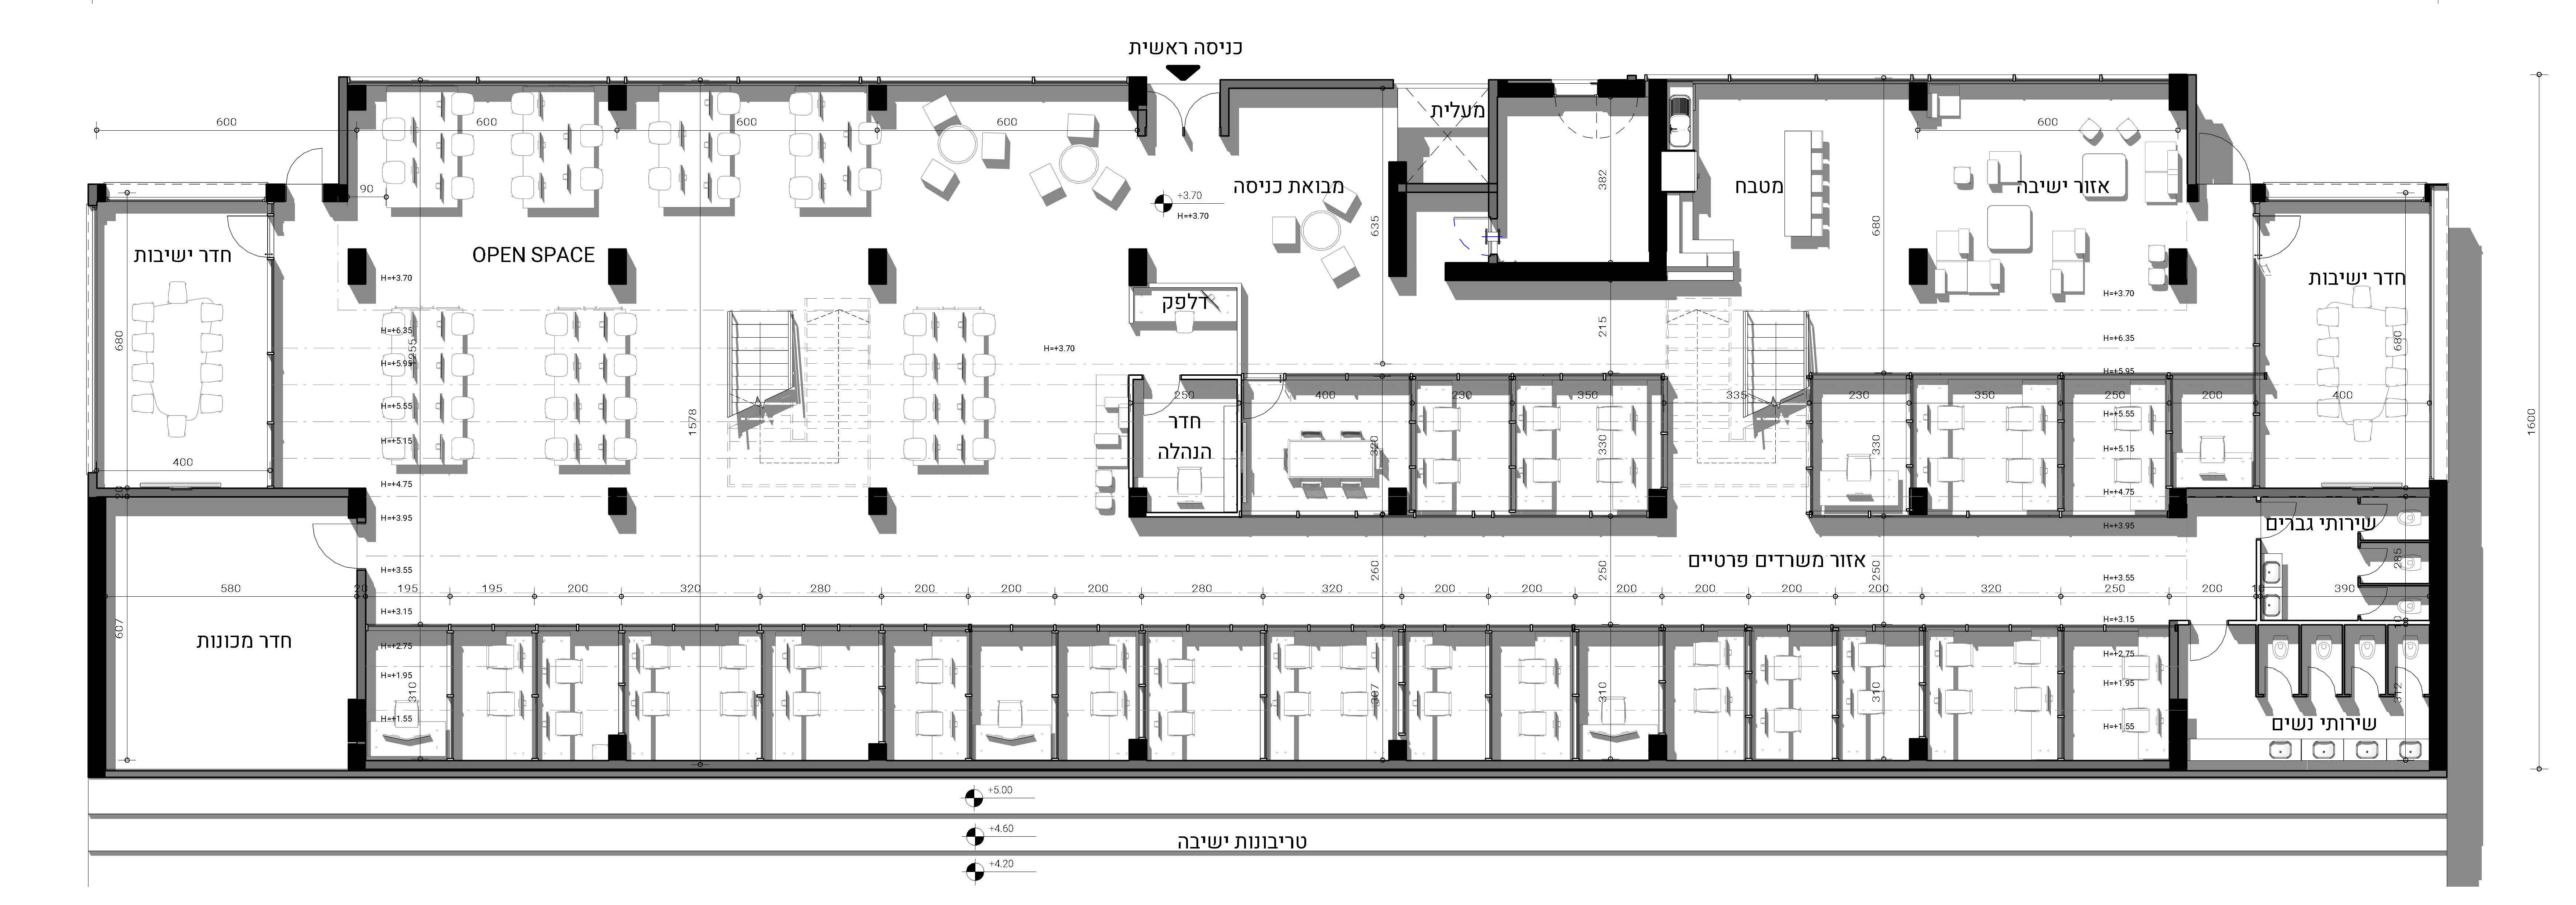 WeWork - Floor Plan - 00